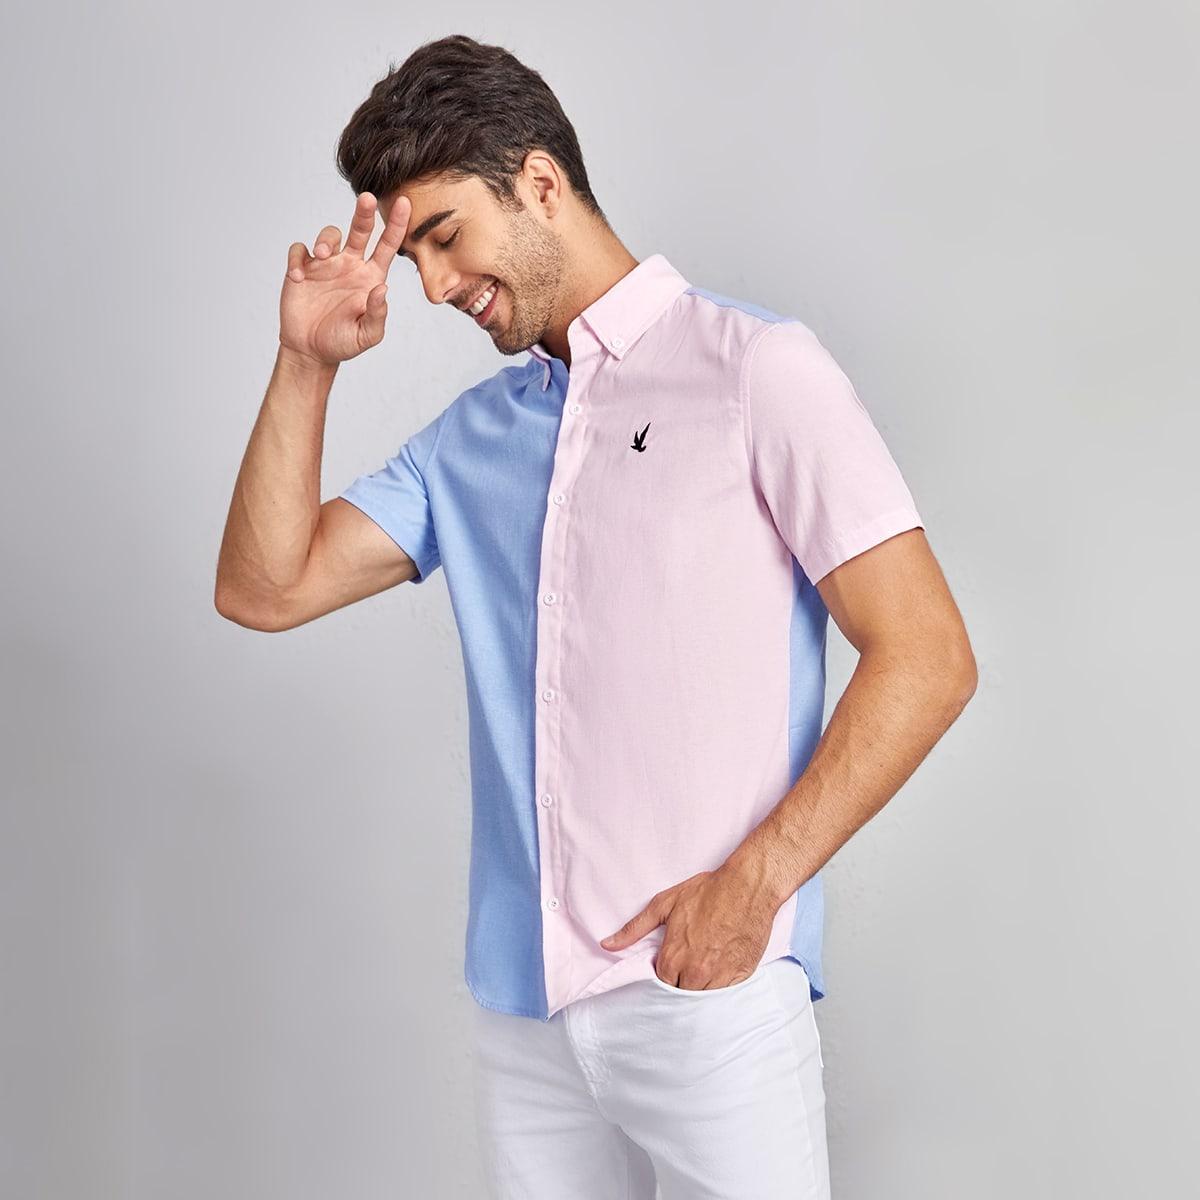 с вышивкой Пуговица Животный Контрастный цвет Институтский Мужские рубашки